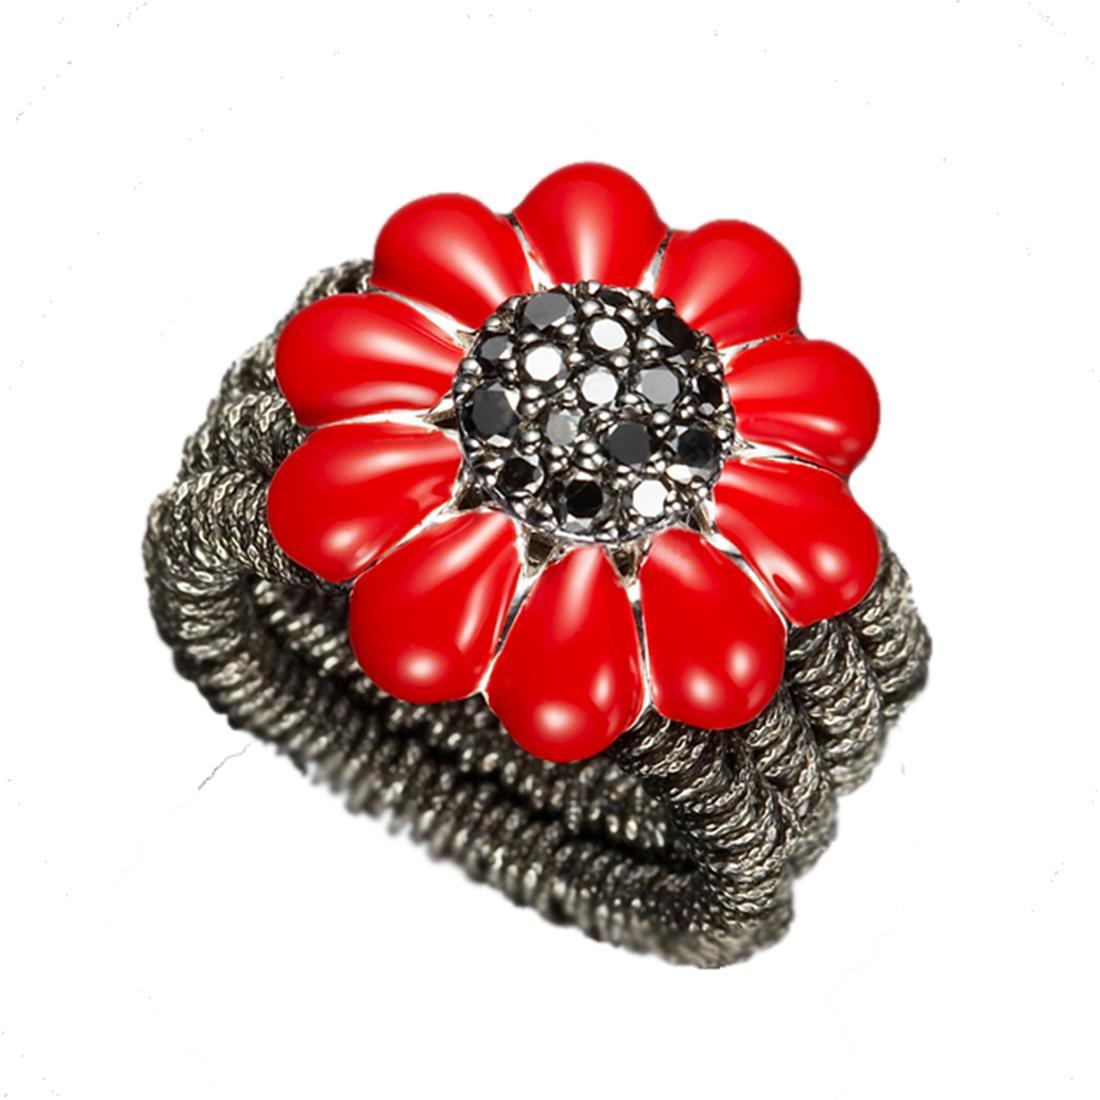 Anello design in argento brunito con margherita rossa e diamanti - ROBERTO DEMEGLIO